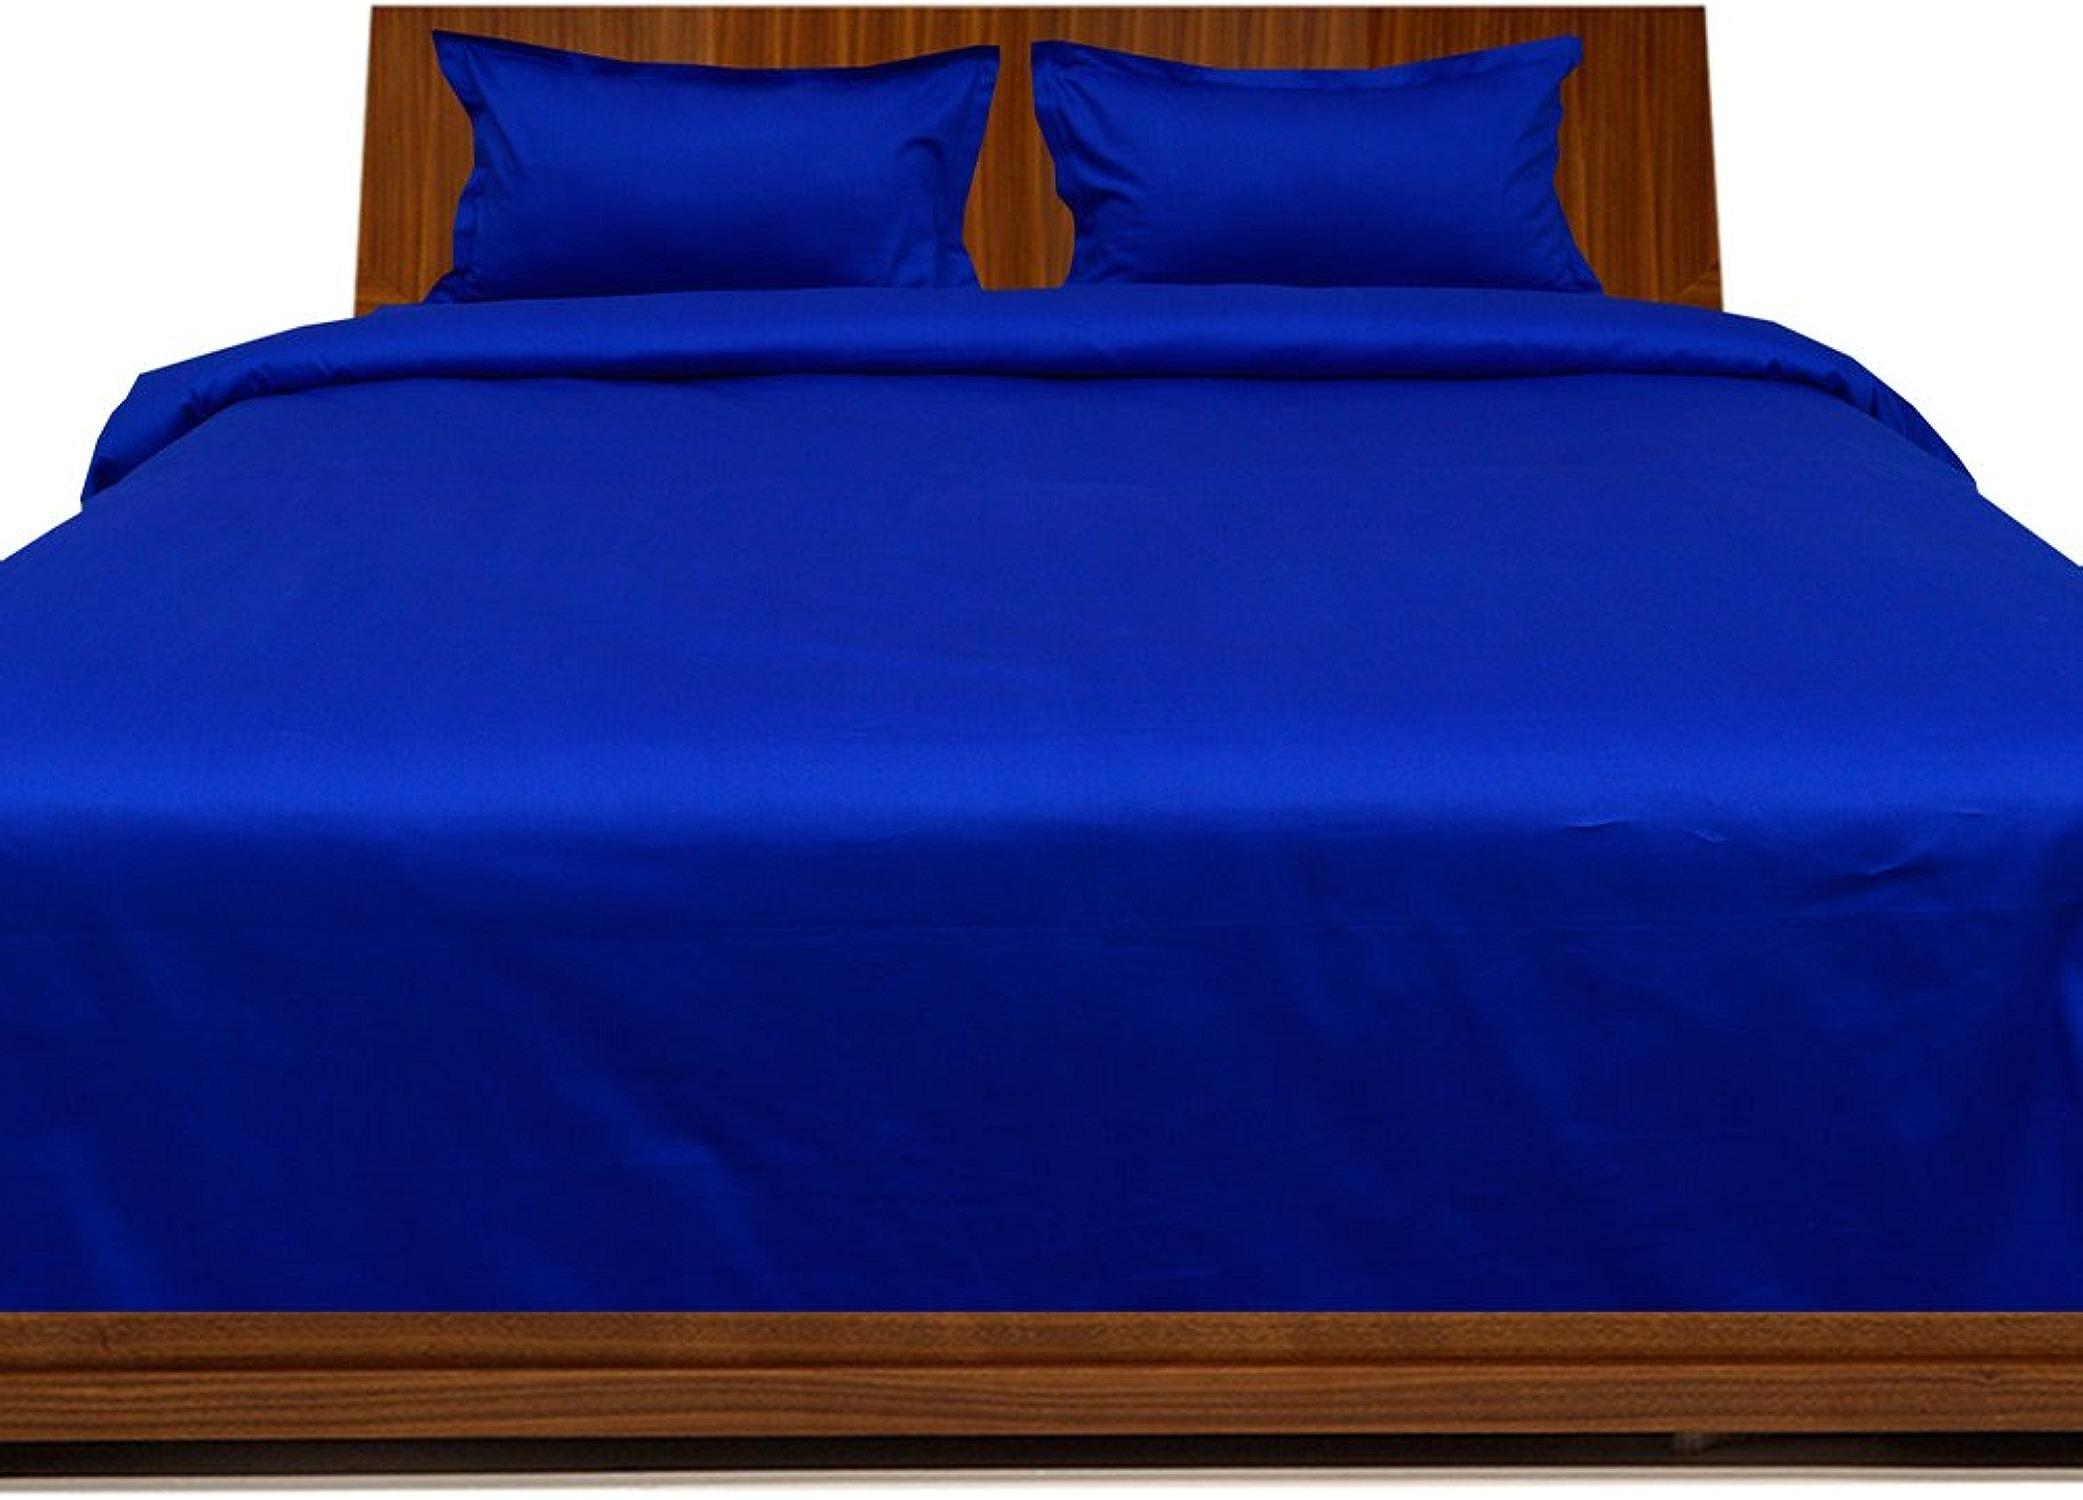 Linge de lit en coton égypcravaten 350 fils 30 cm Pocket Sheet enfoncés avec taie d'oreiller Motif Bleu roi Double petit 100%  coton 350TC massif